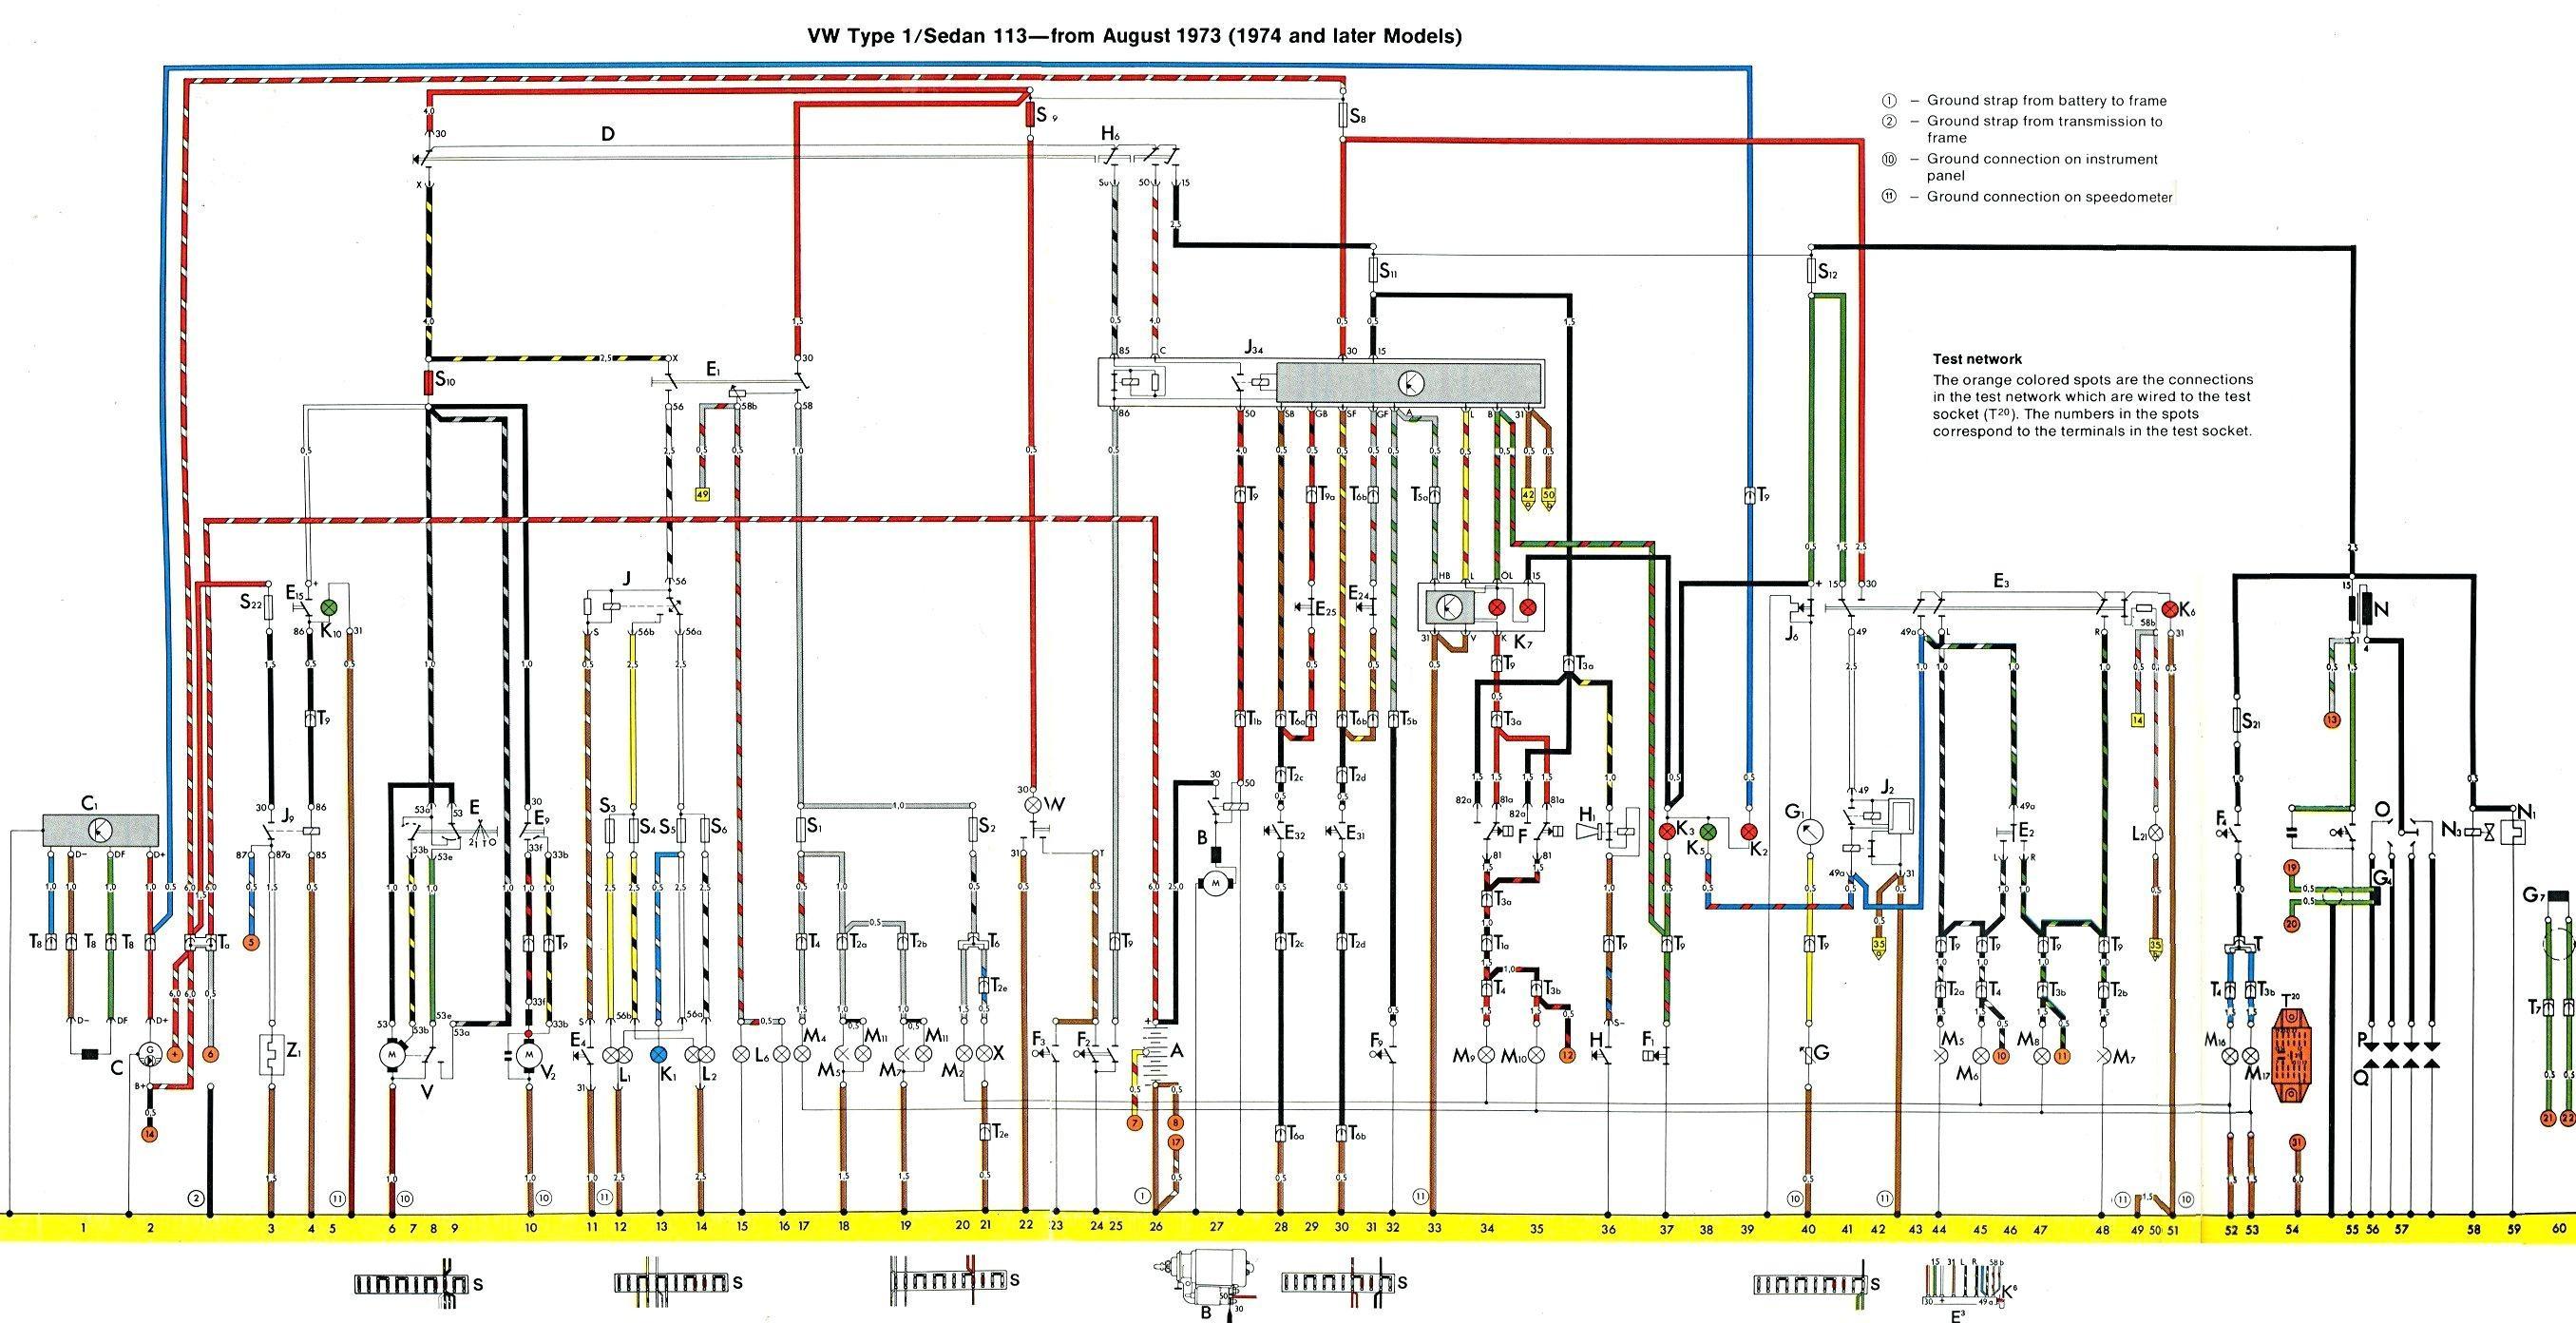 vw bug 2001 engine fuse box free image about 1972 vw beetle fuse box diagram wiring diagram  vw beetle fuse box diagram wiring diagram